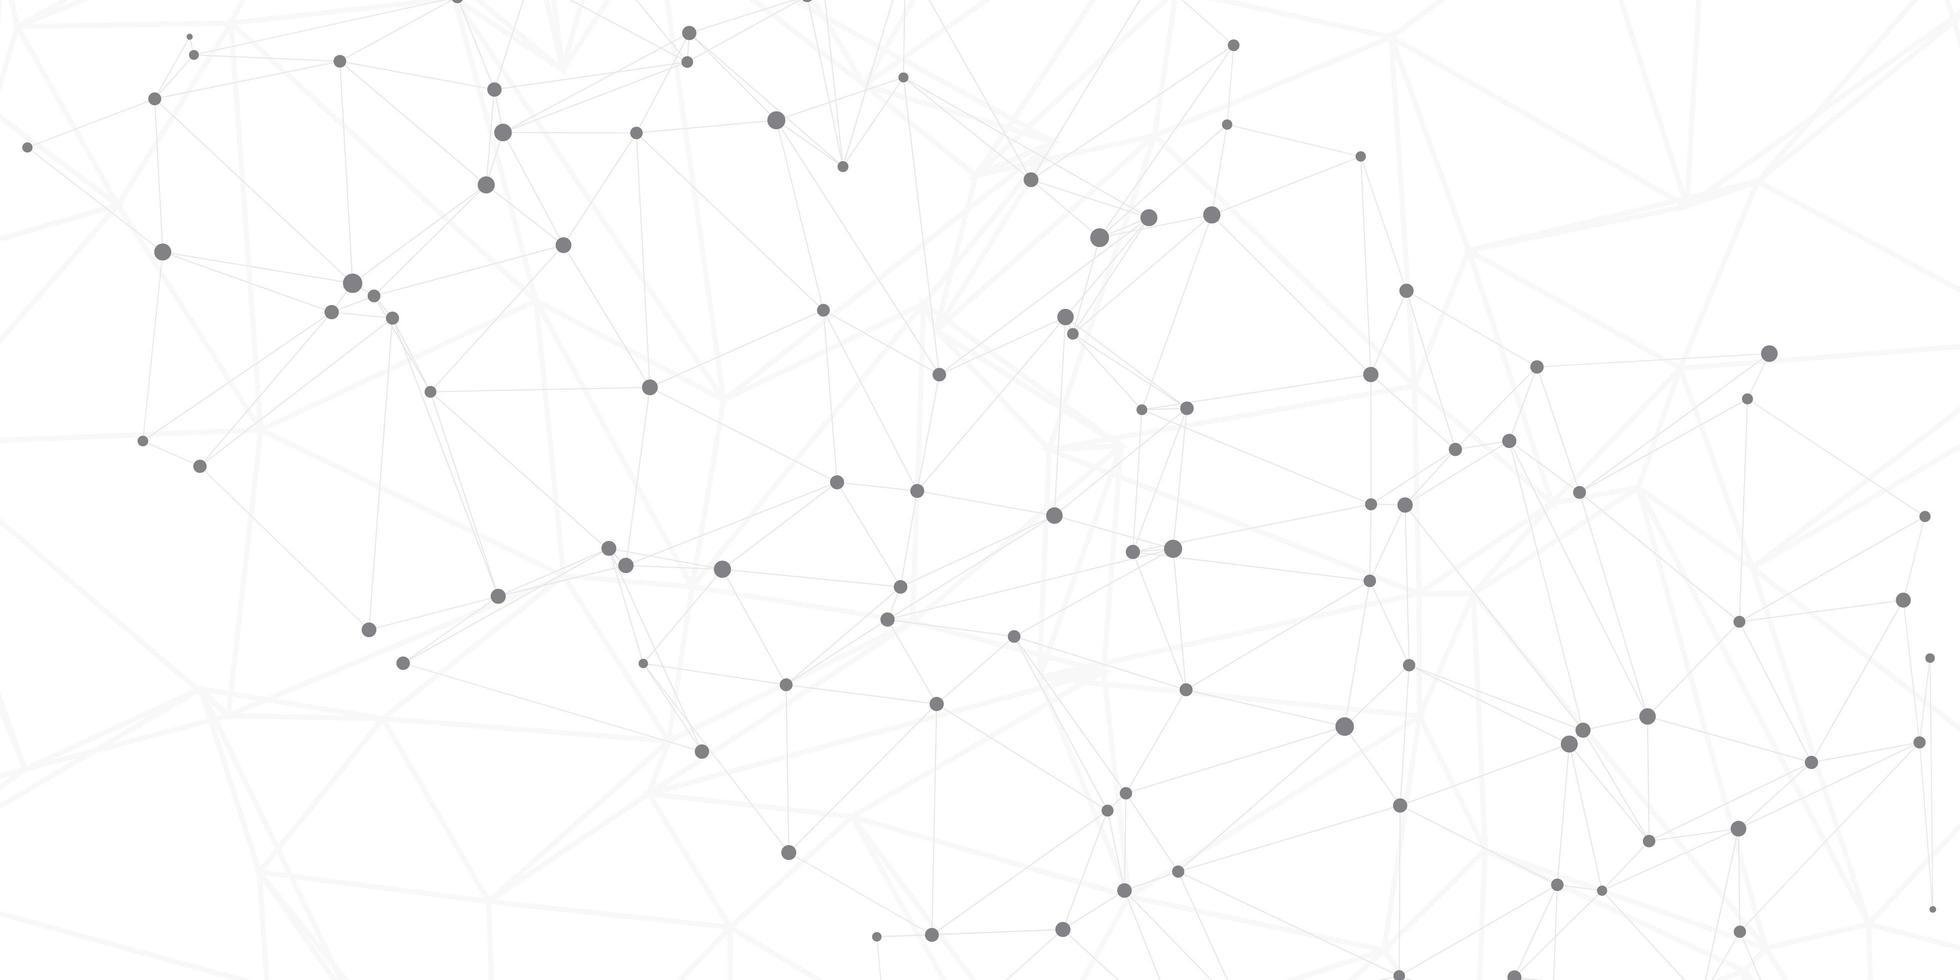 netwerkverbindingen op witte achtergrond vector